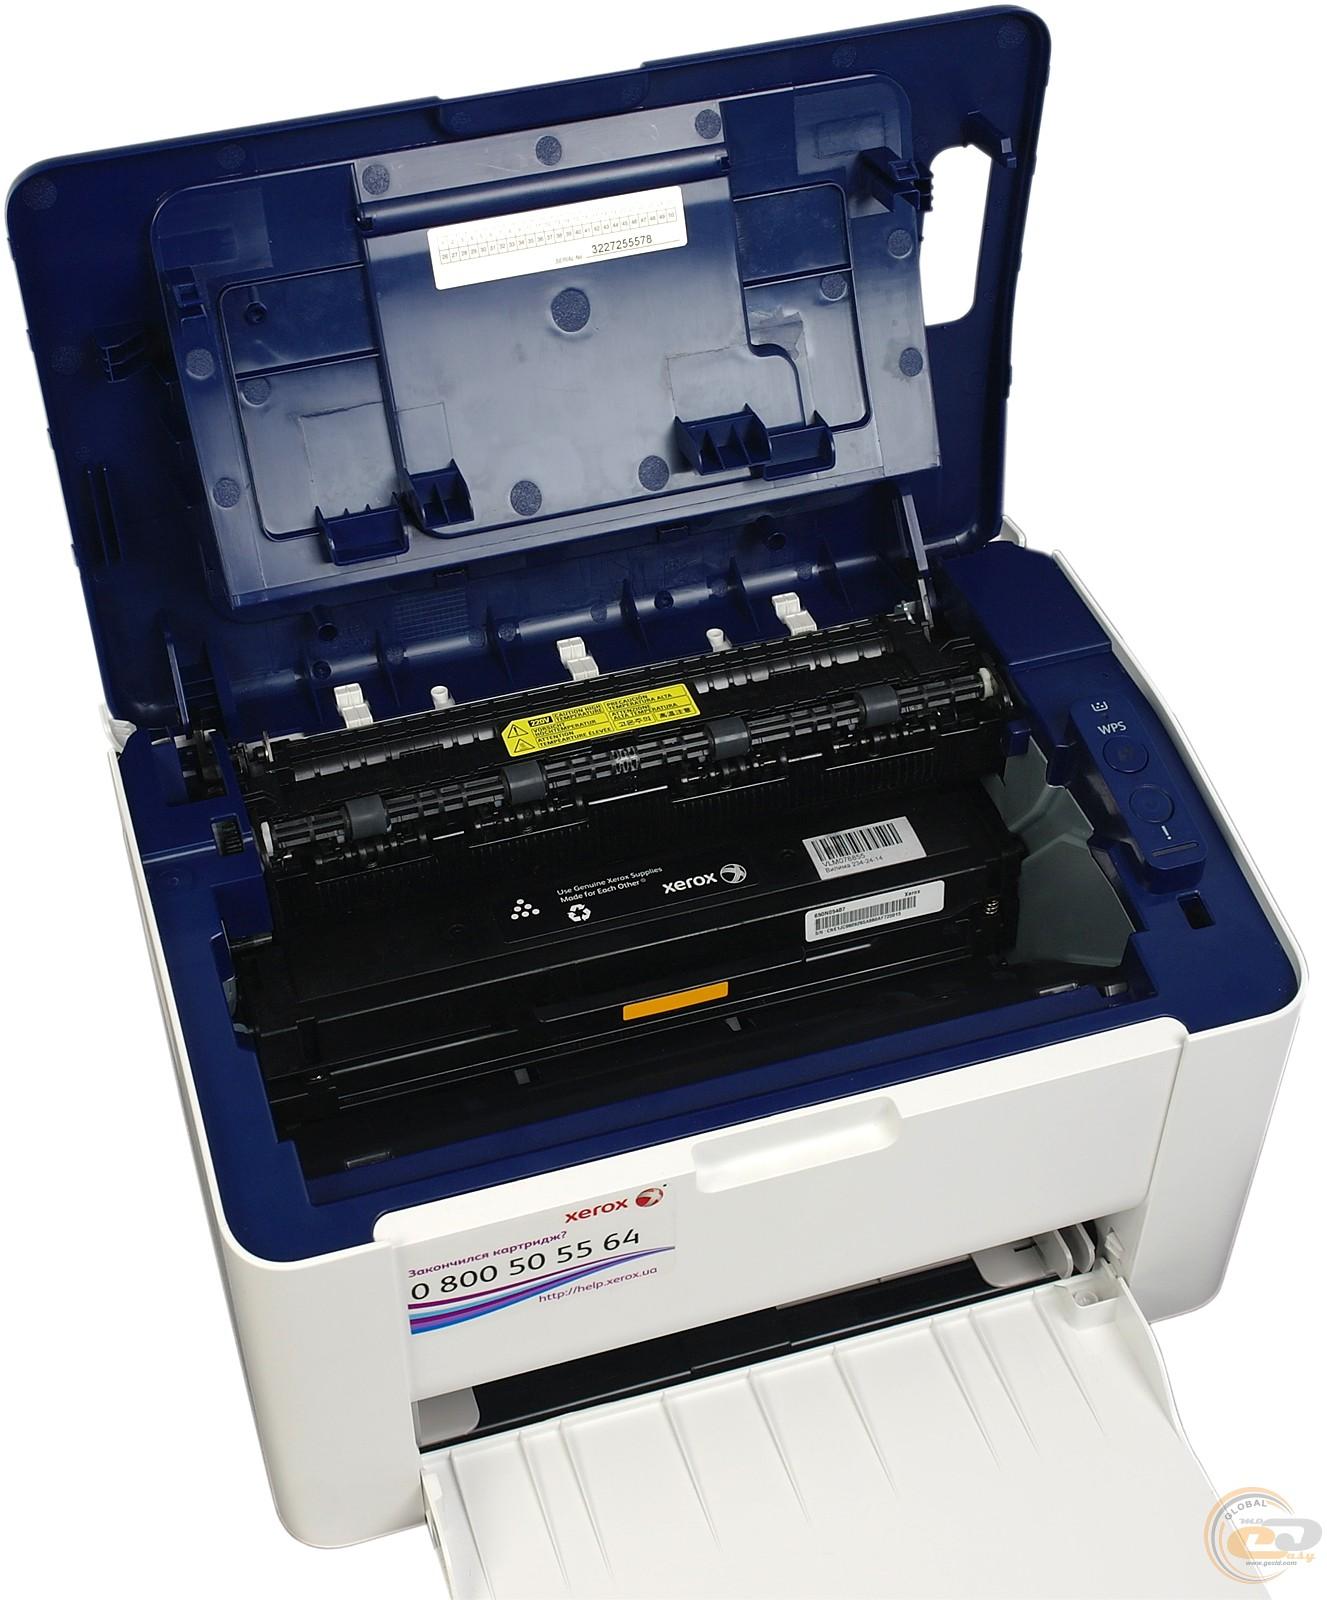 Обзор и тестирование принтера Xerox Phaser 3020, Страница 1  GECID com